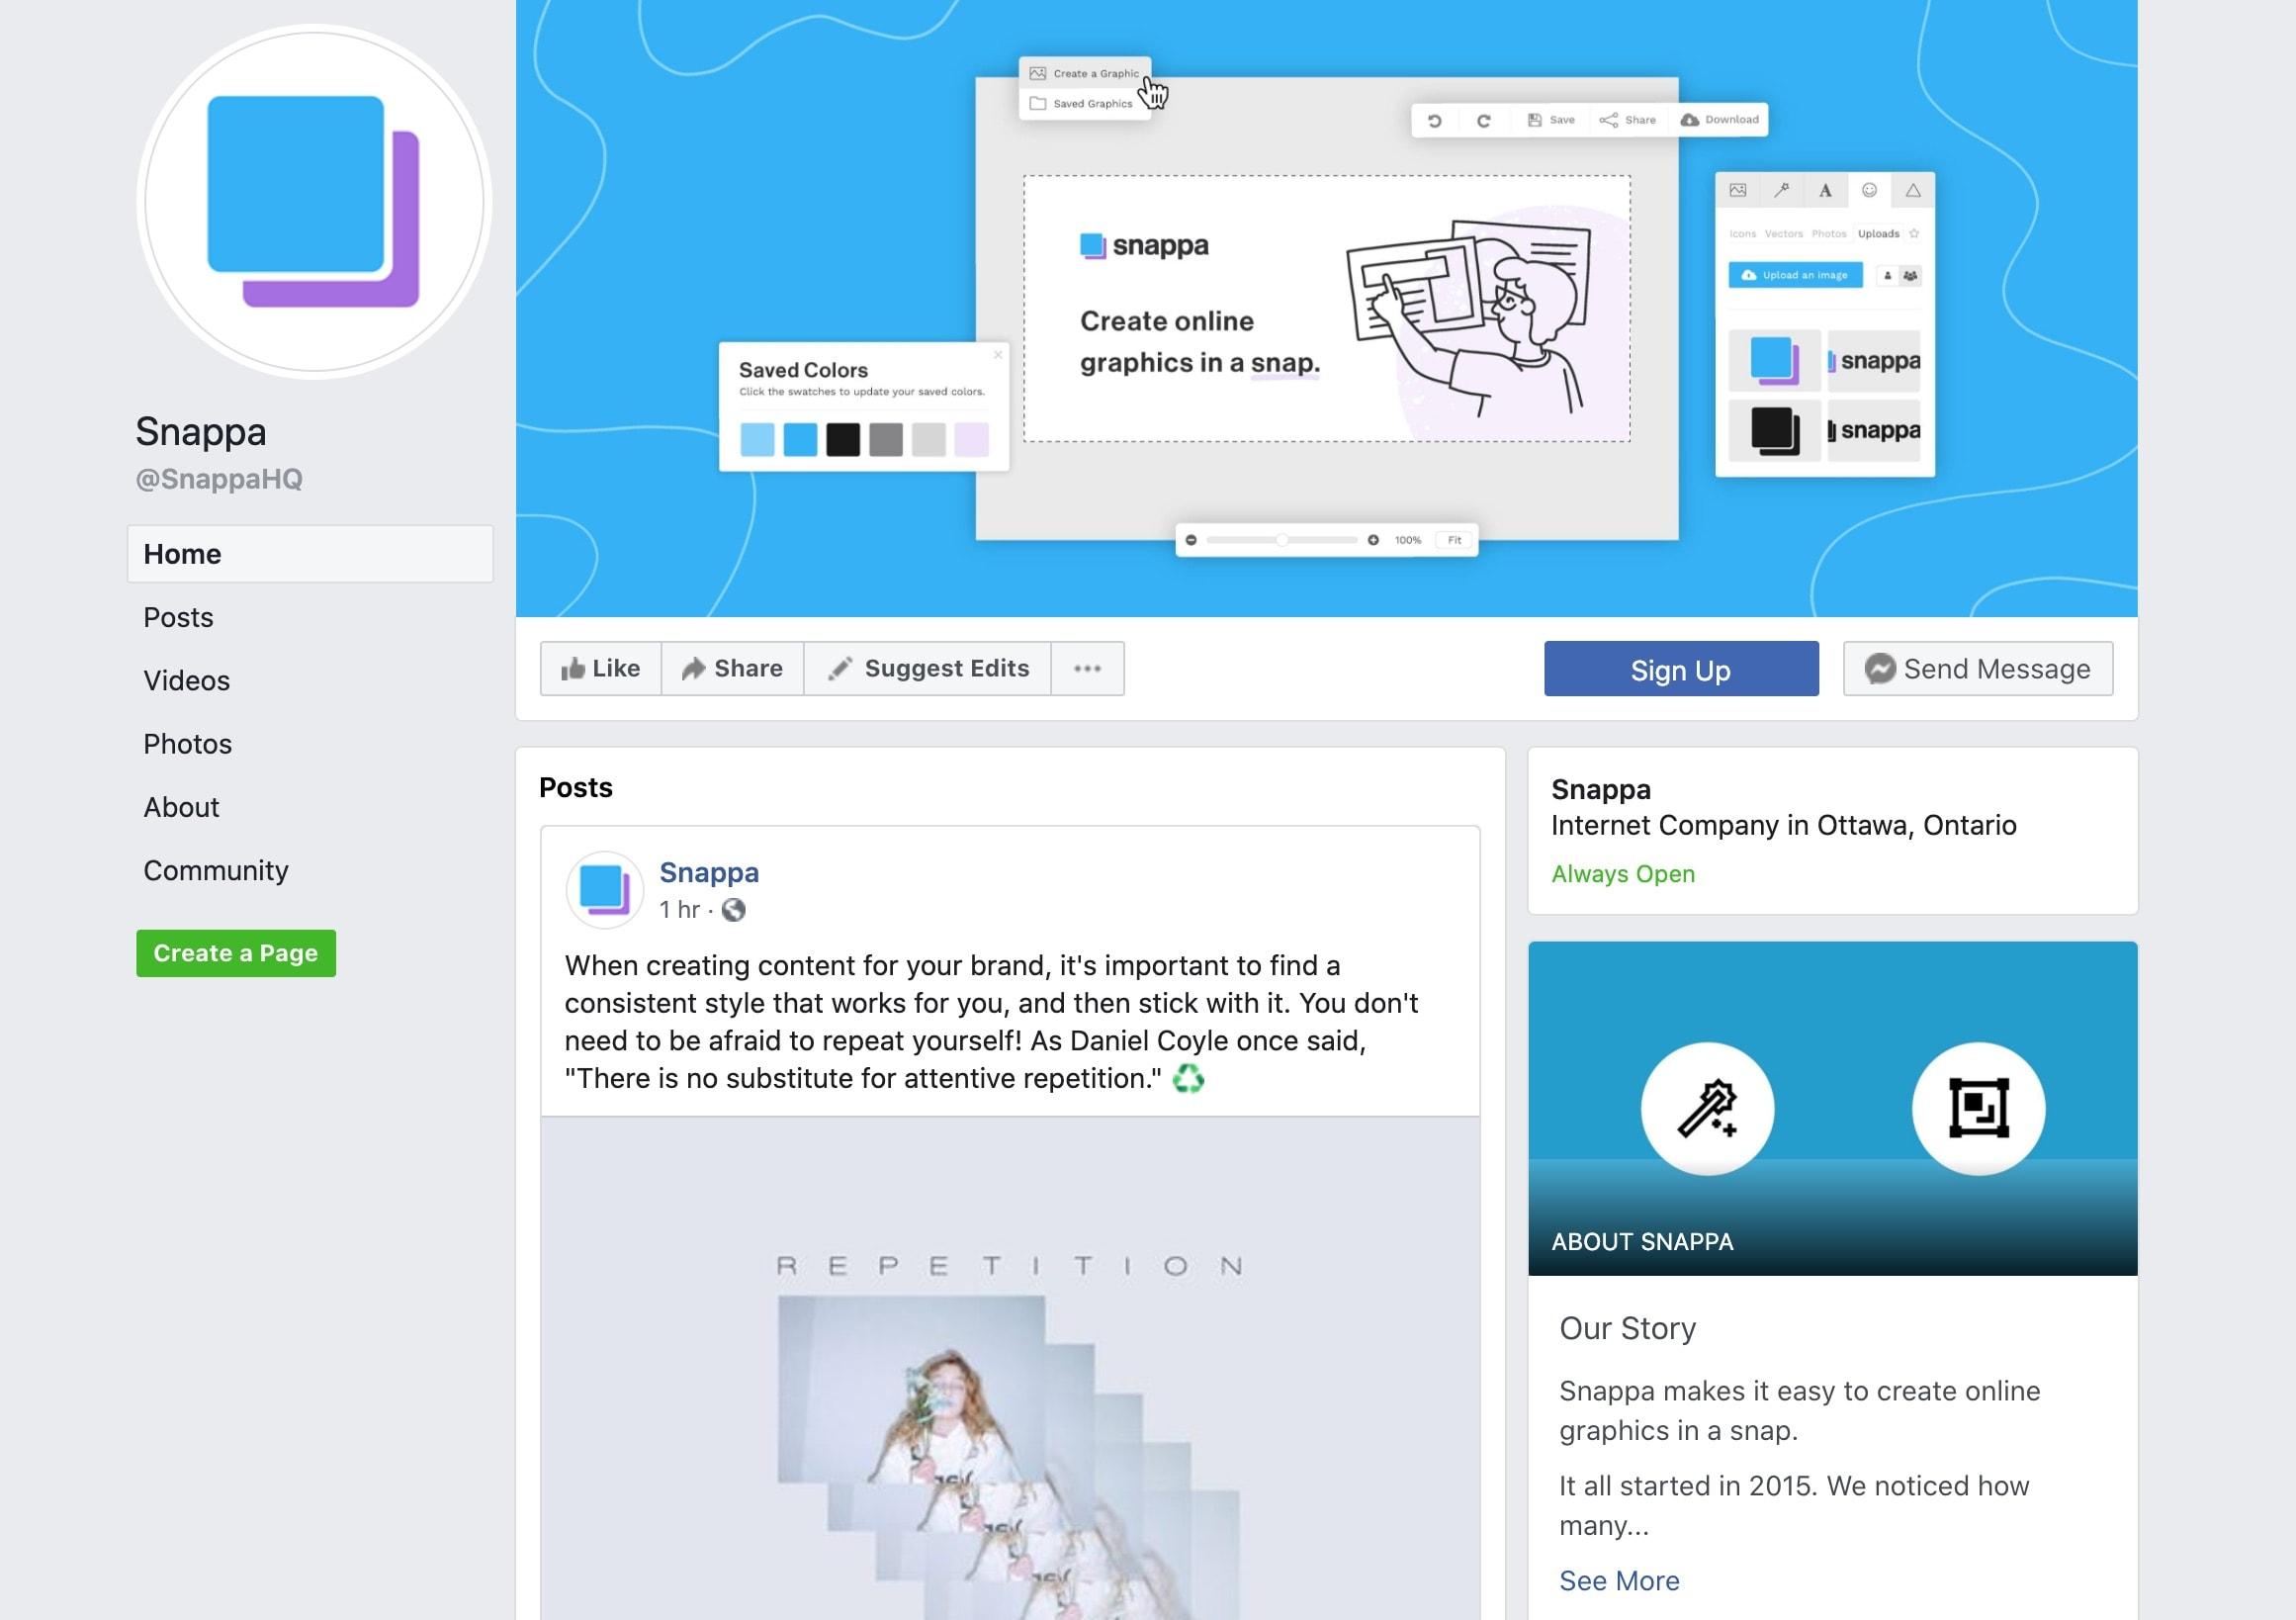 Snappa Facebook profile